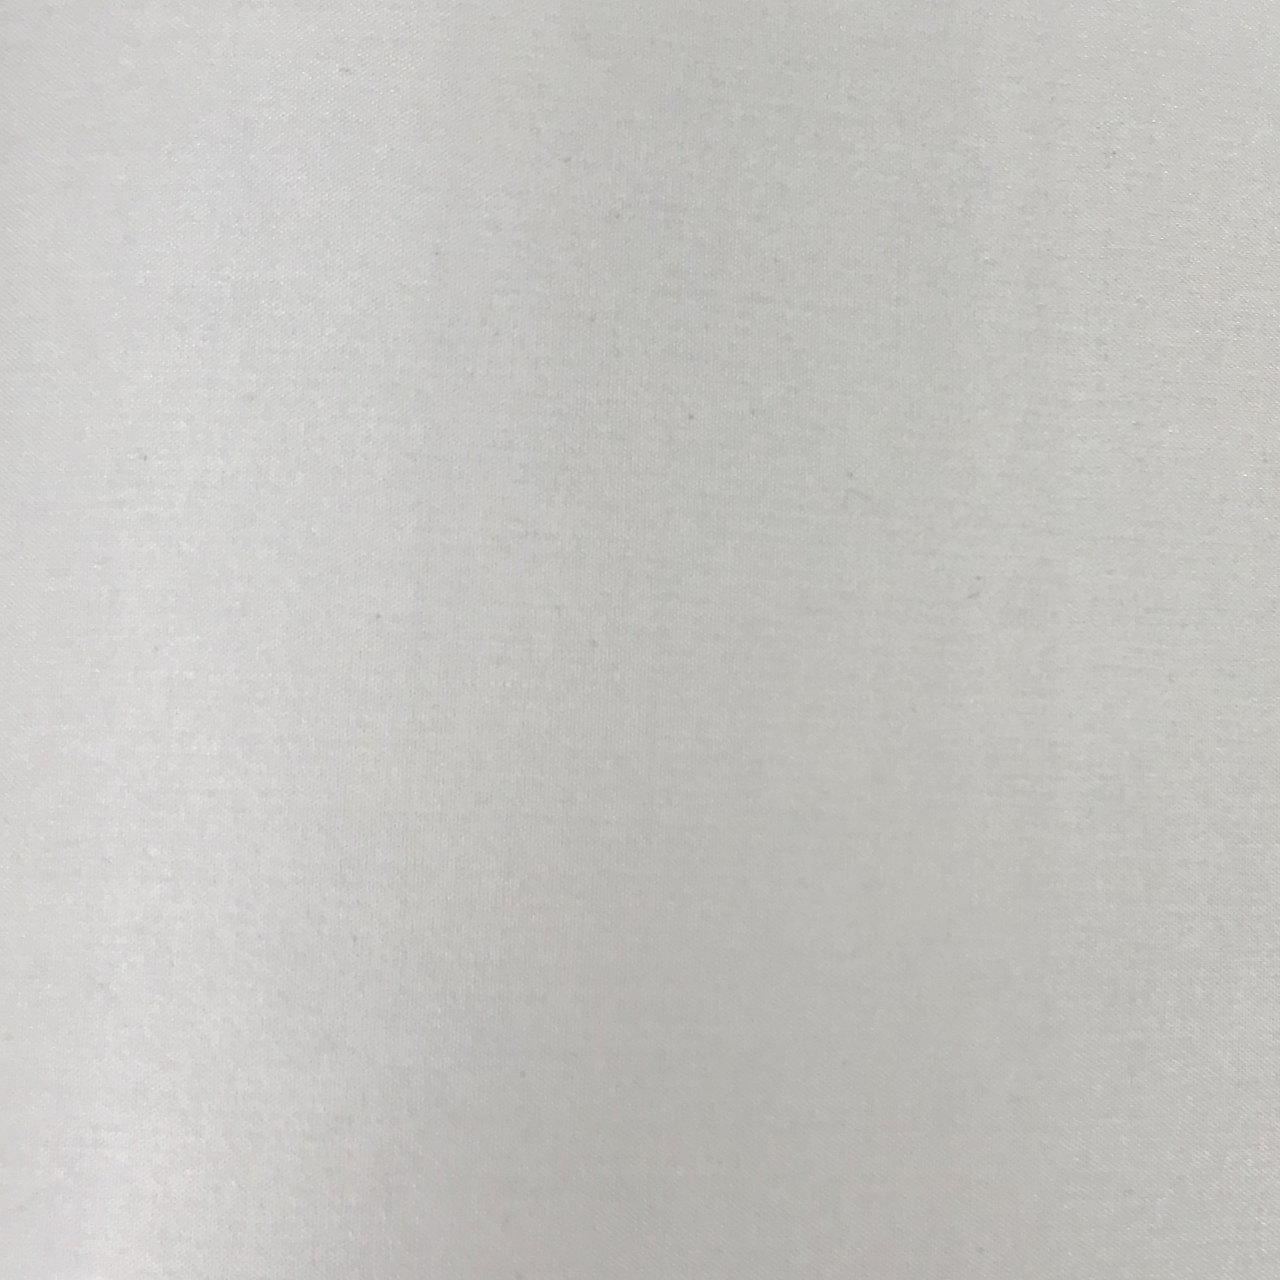 Soie chinoise pour la peinture 83x100cm